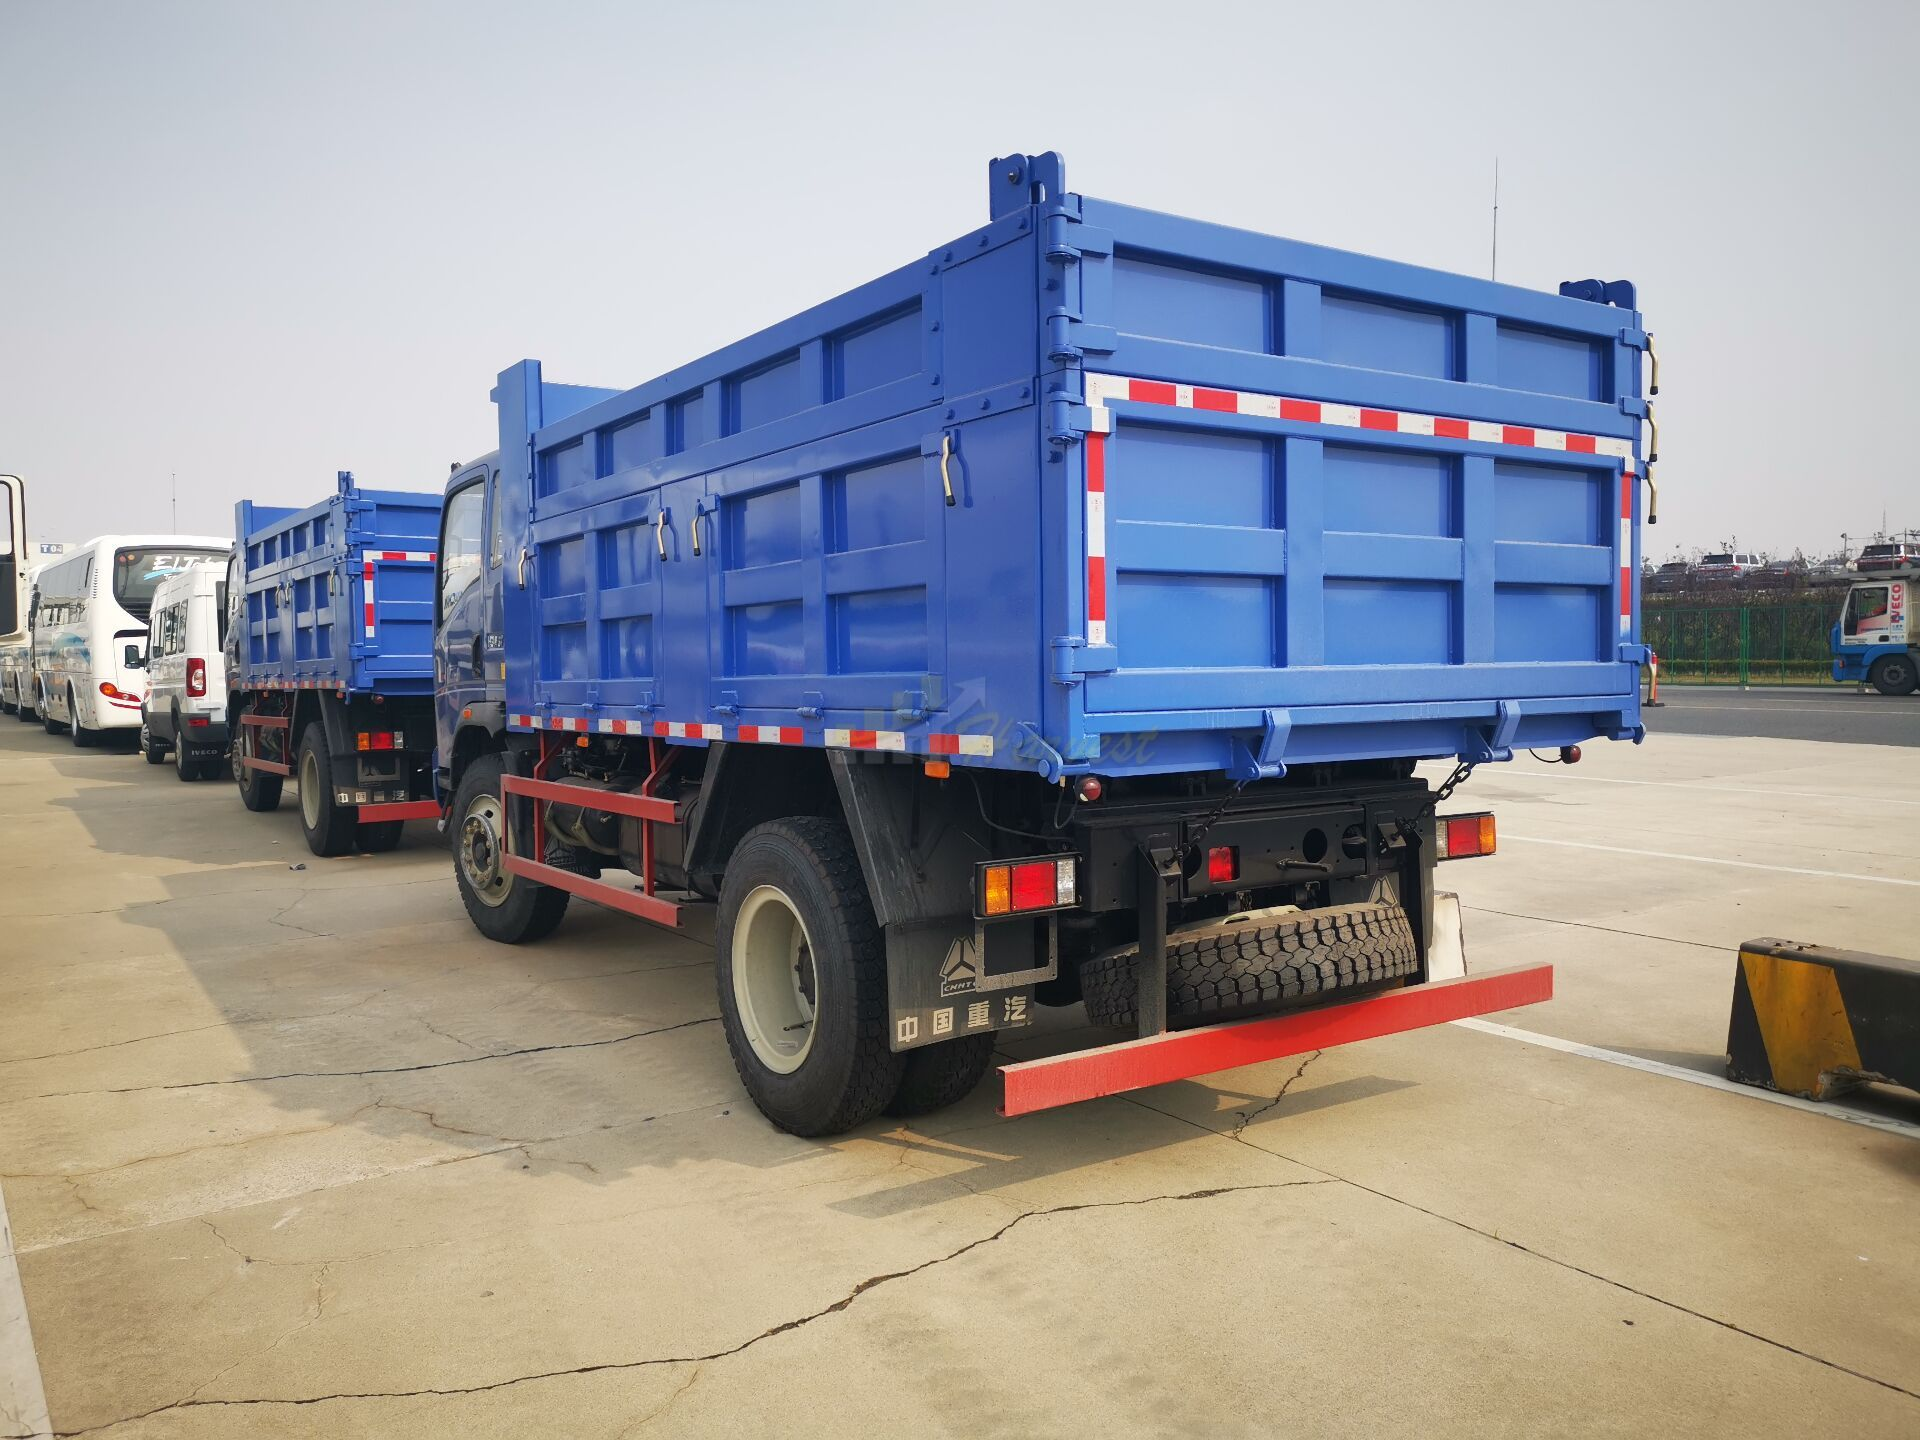 Sinotruk Homan Dump Truck export to Congo Africa